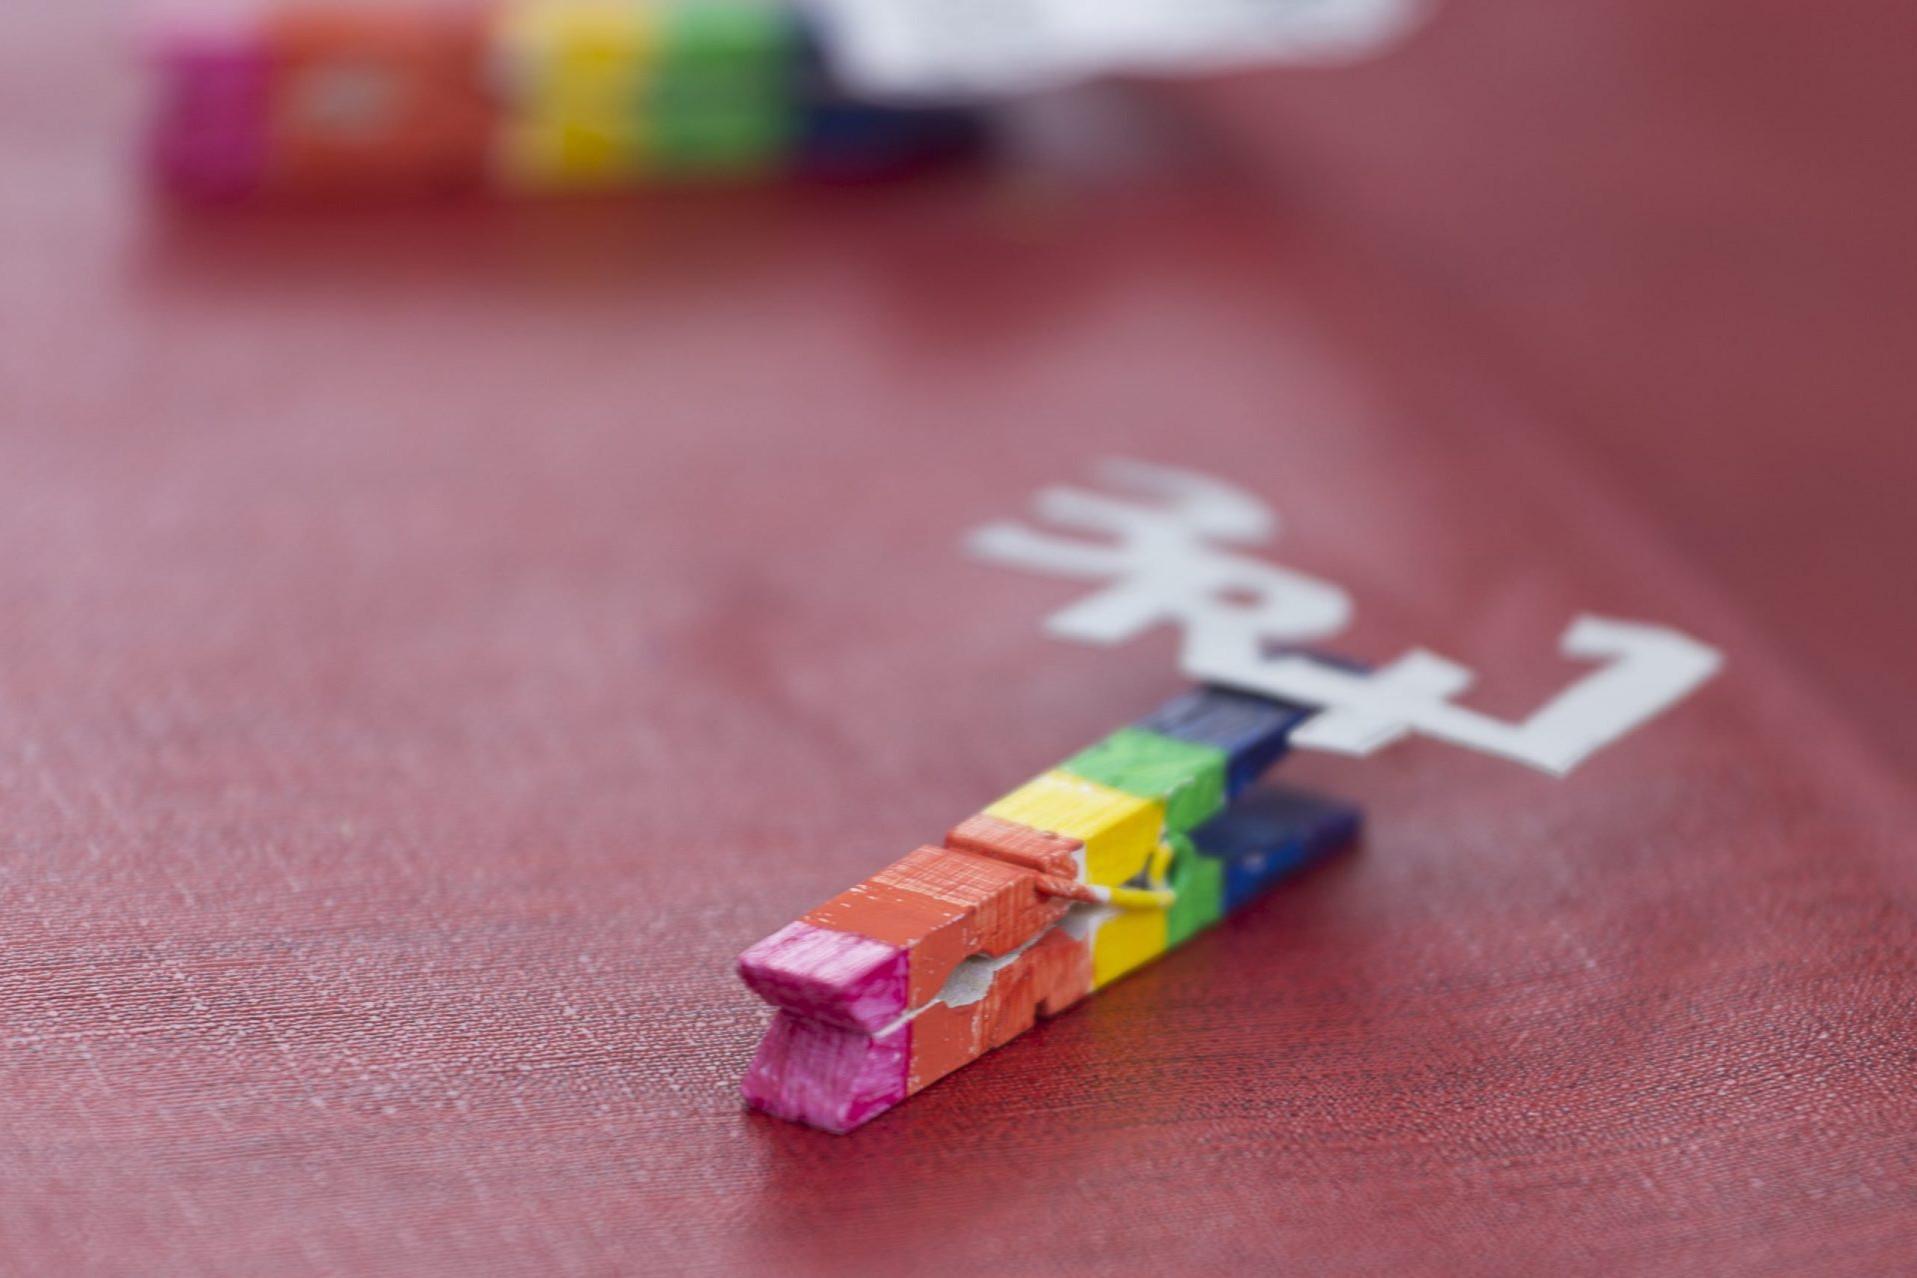 Foto de una traba de la ropa pintada con los colores del arcoíris y lleva pegado en material recicado con brick de leche la frase 3R+1. Taller de reutilización de Sandra Santa Cruz.